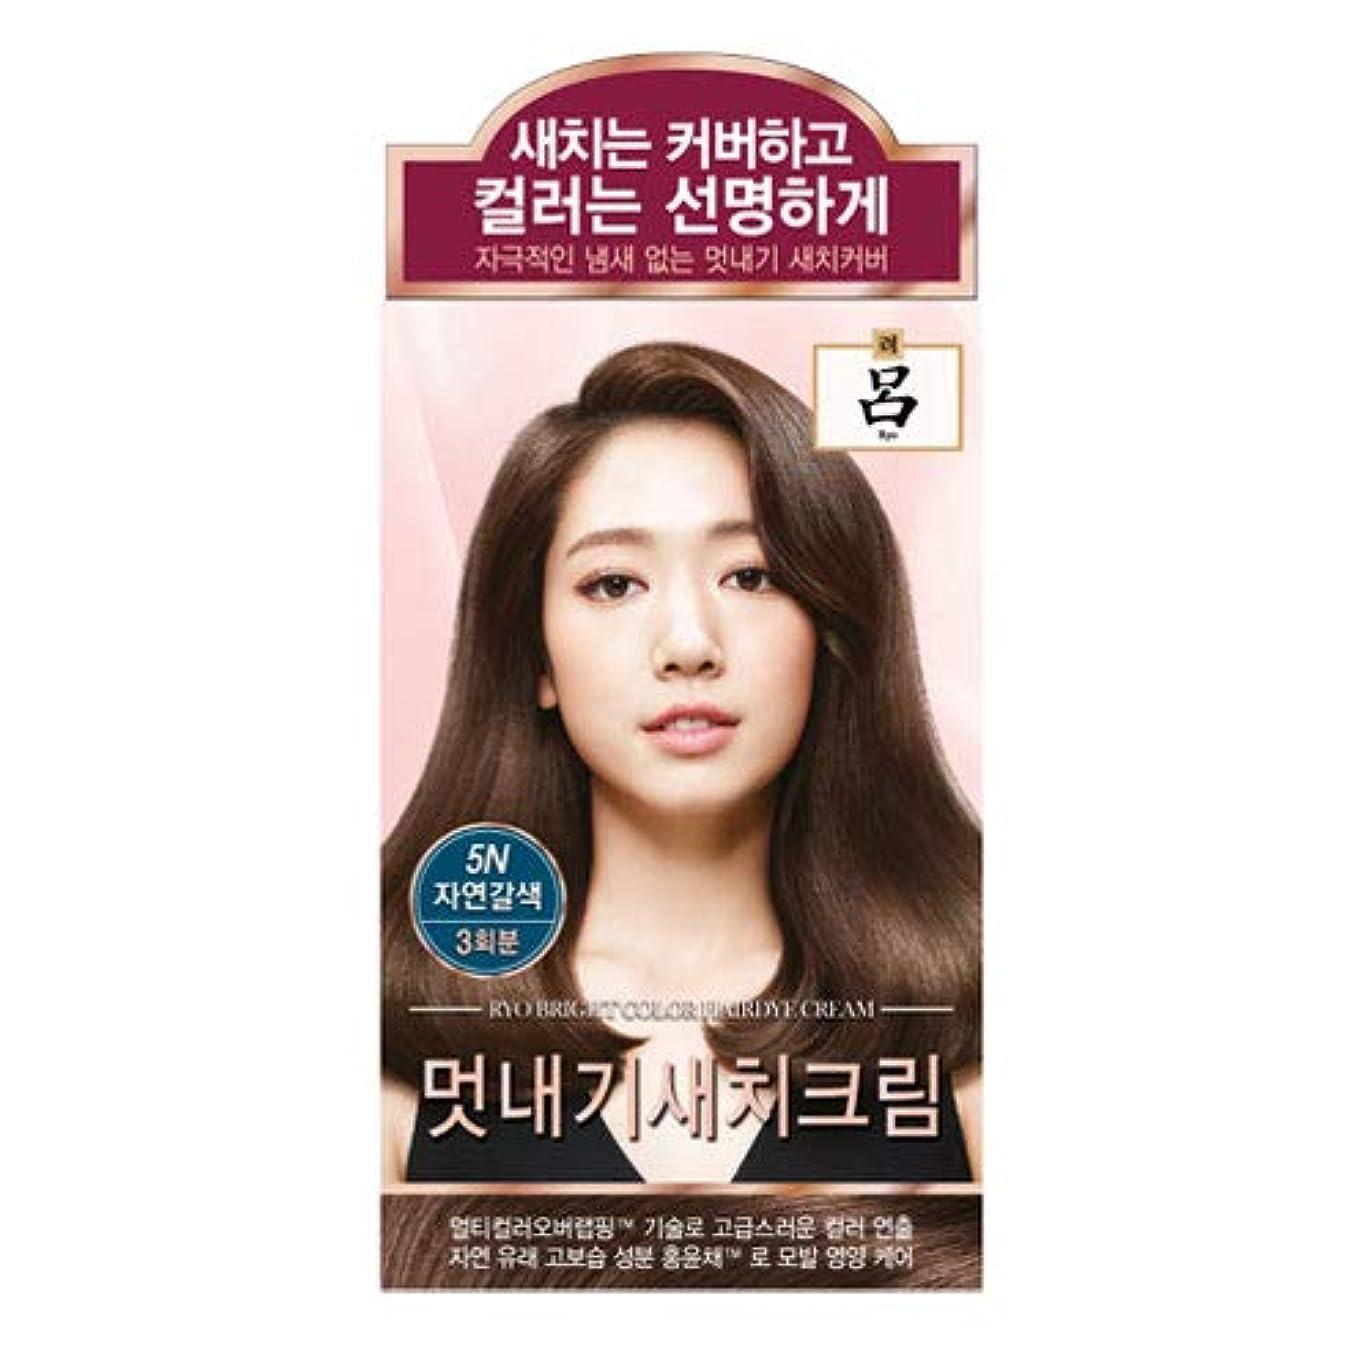 動物火山の予感アモーレパシフィック呂[AMOREPACIFIC/Ryo] ブライトカラーヘアアイクリーム 5N ナチュラルブラウン/Bright Color Hairdye Cream 5N Natural Brown